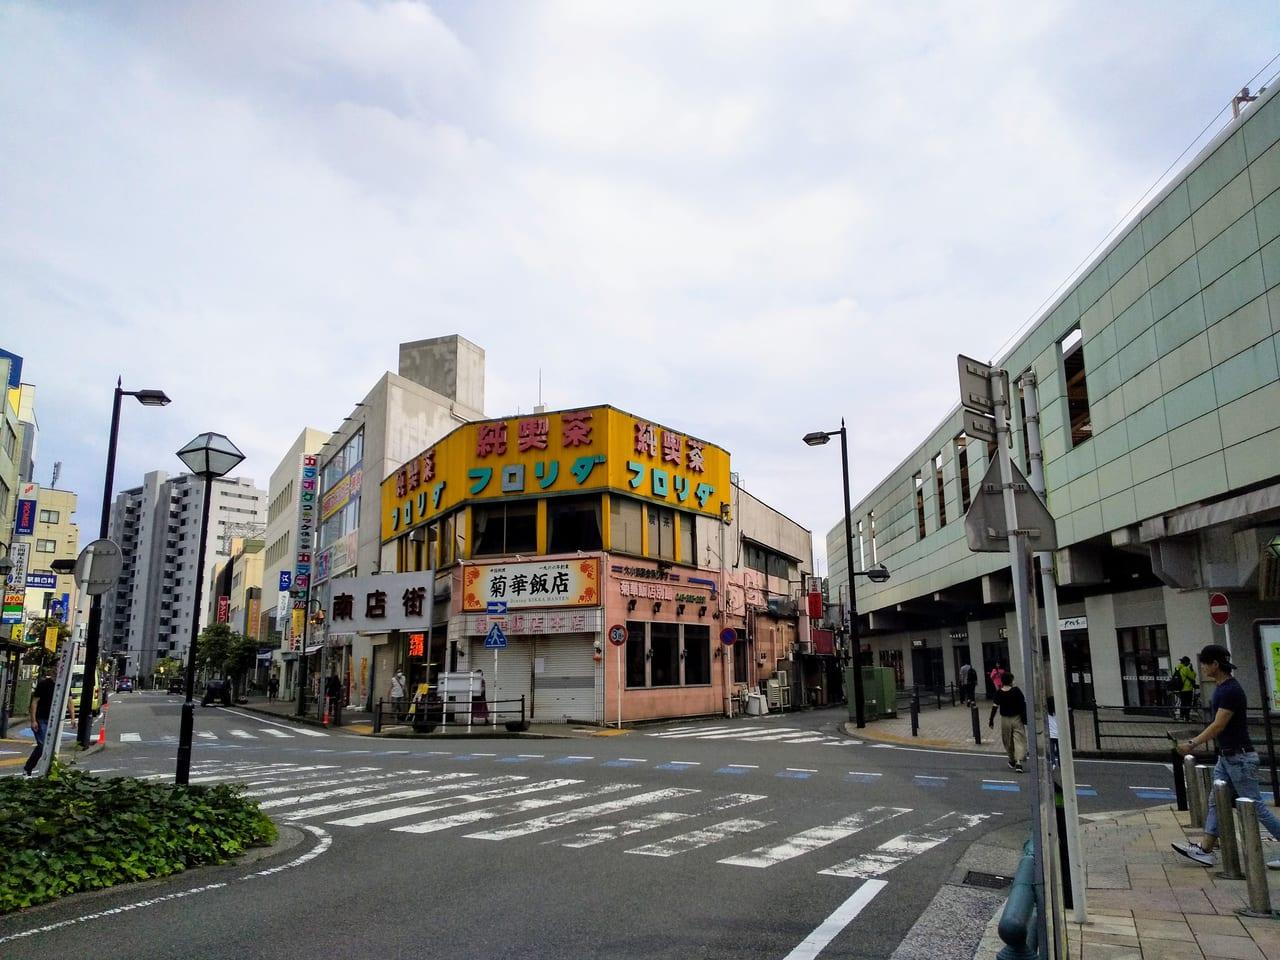 大和駅周辺の商店街の様子